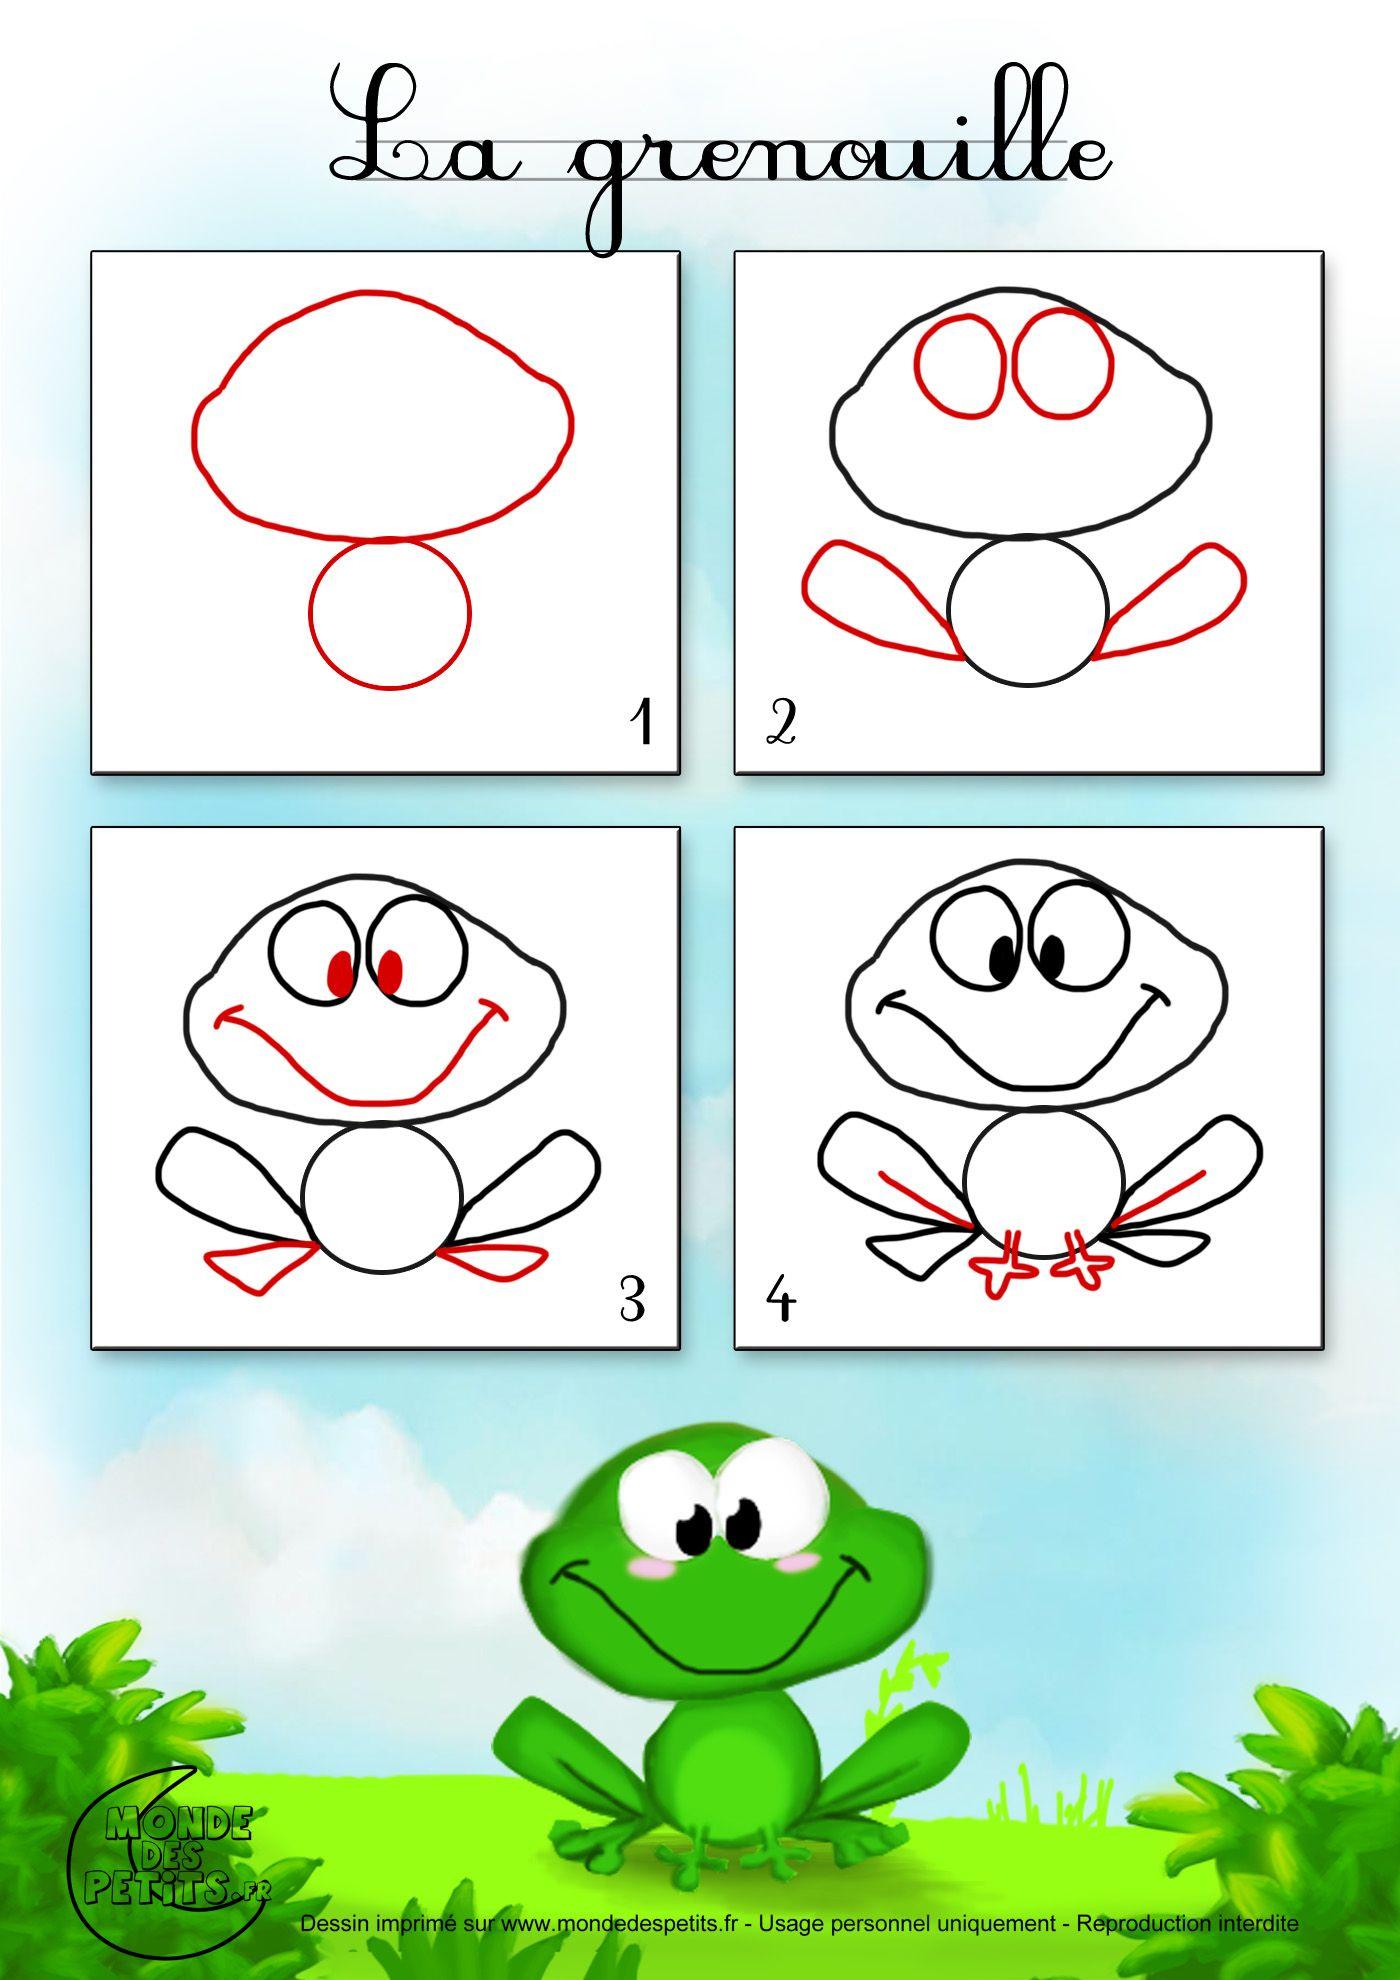 Dessin2 comment dessiner une grenouille frog pinte - Dessiner une grenouille ...